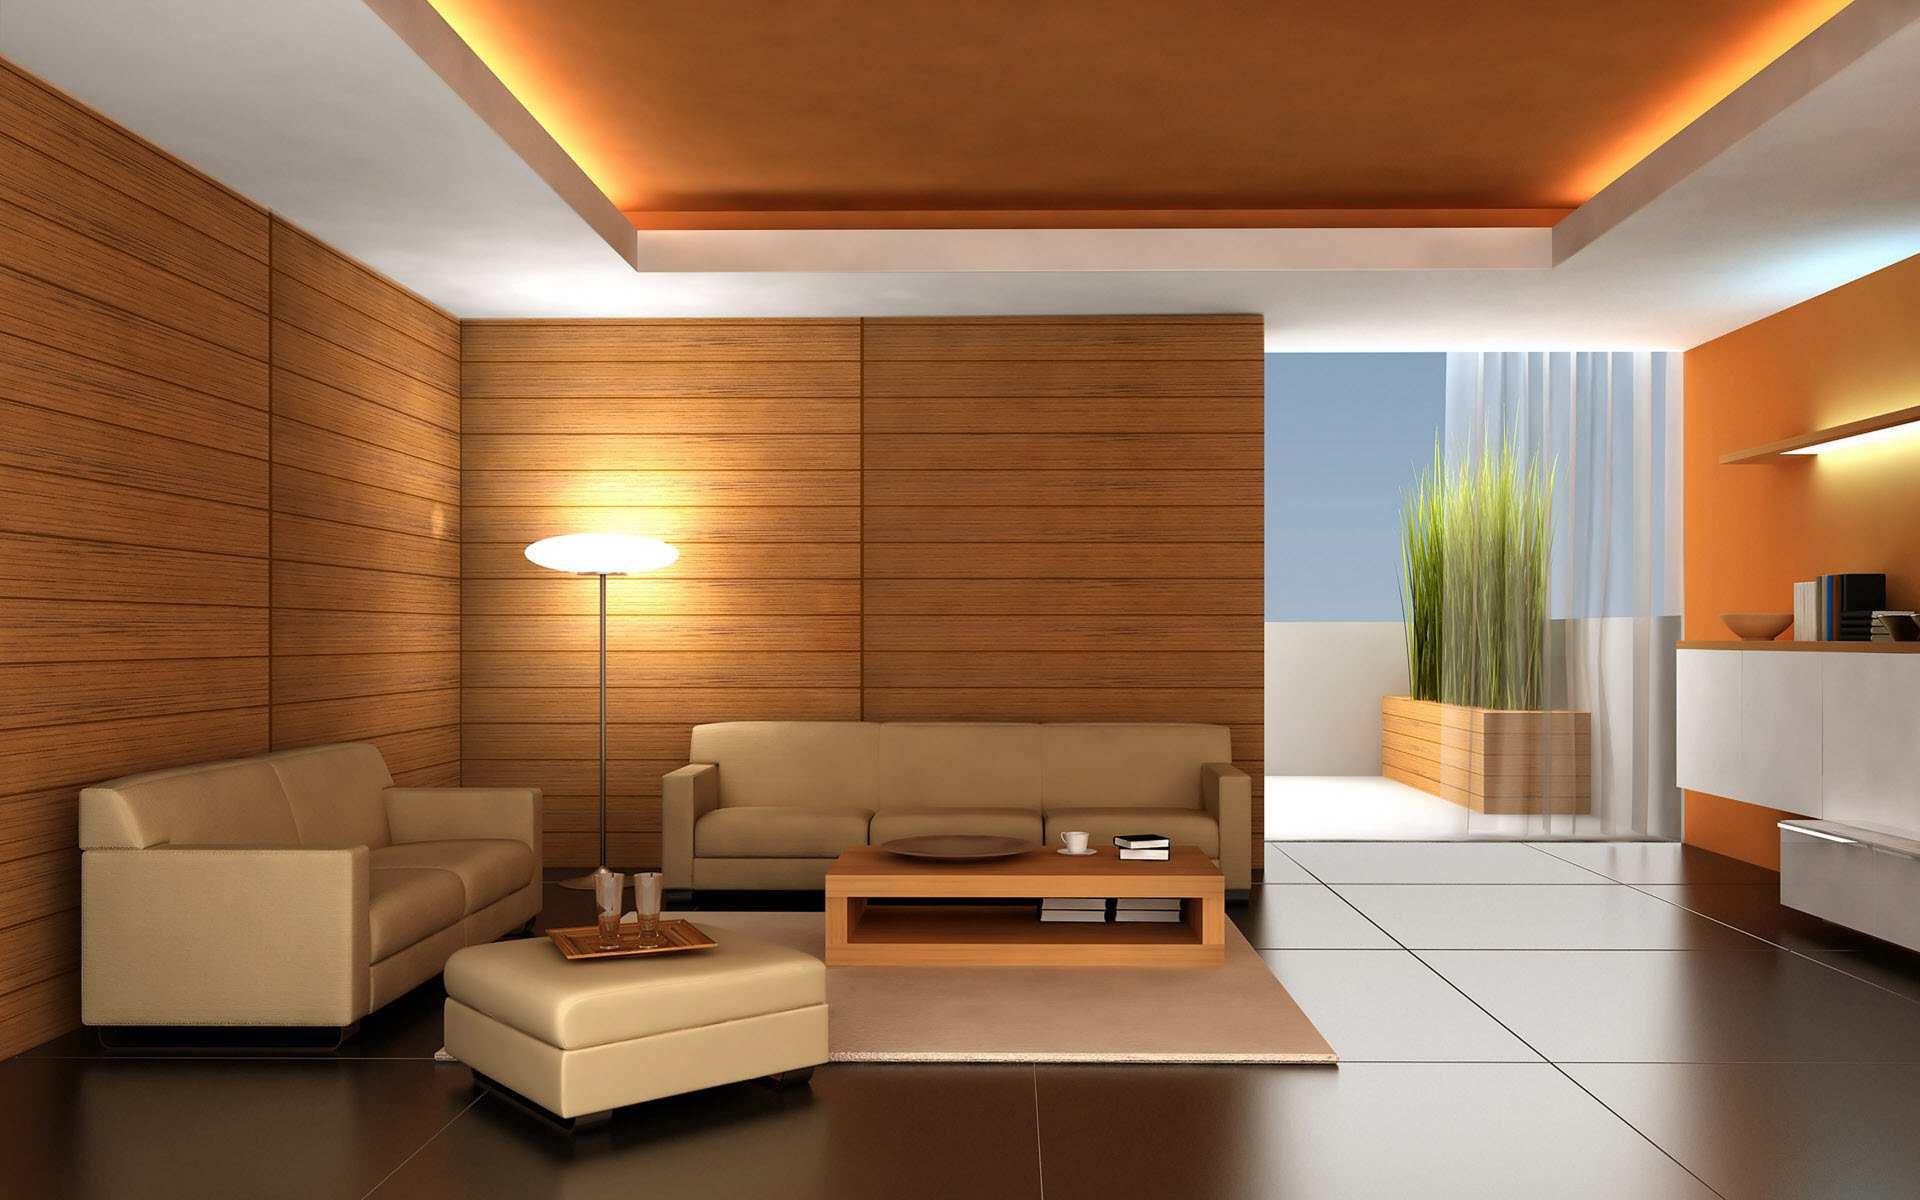 Elegant Interior Guest Room Decoration (Image 3 of 10)